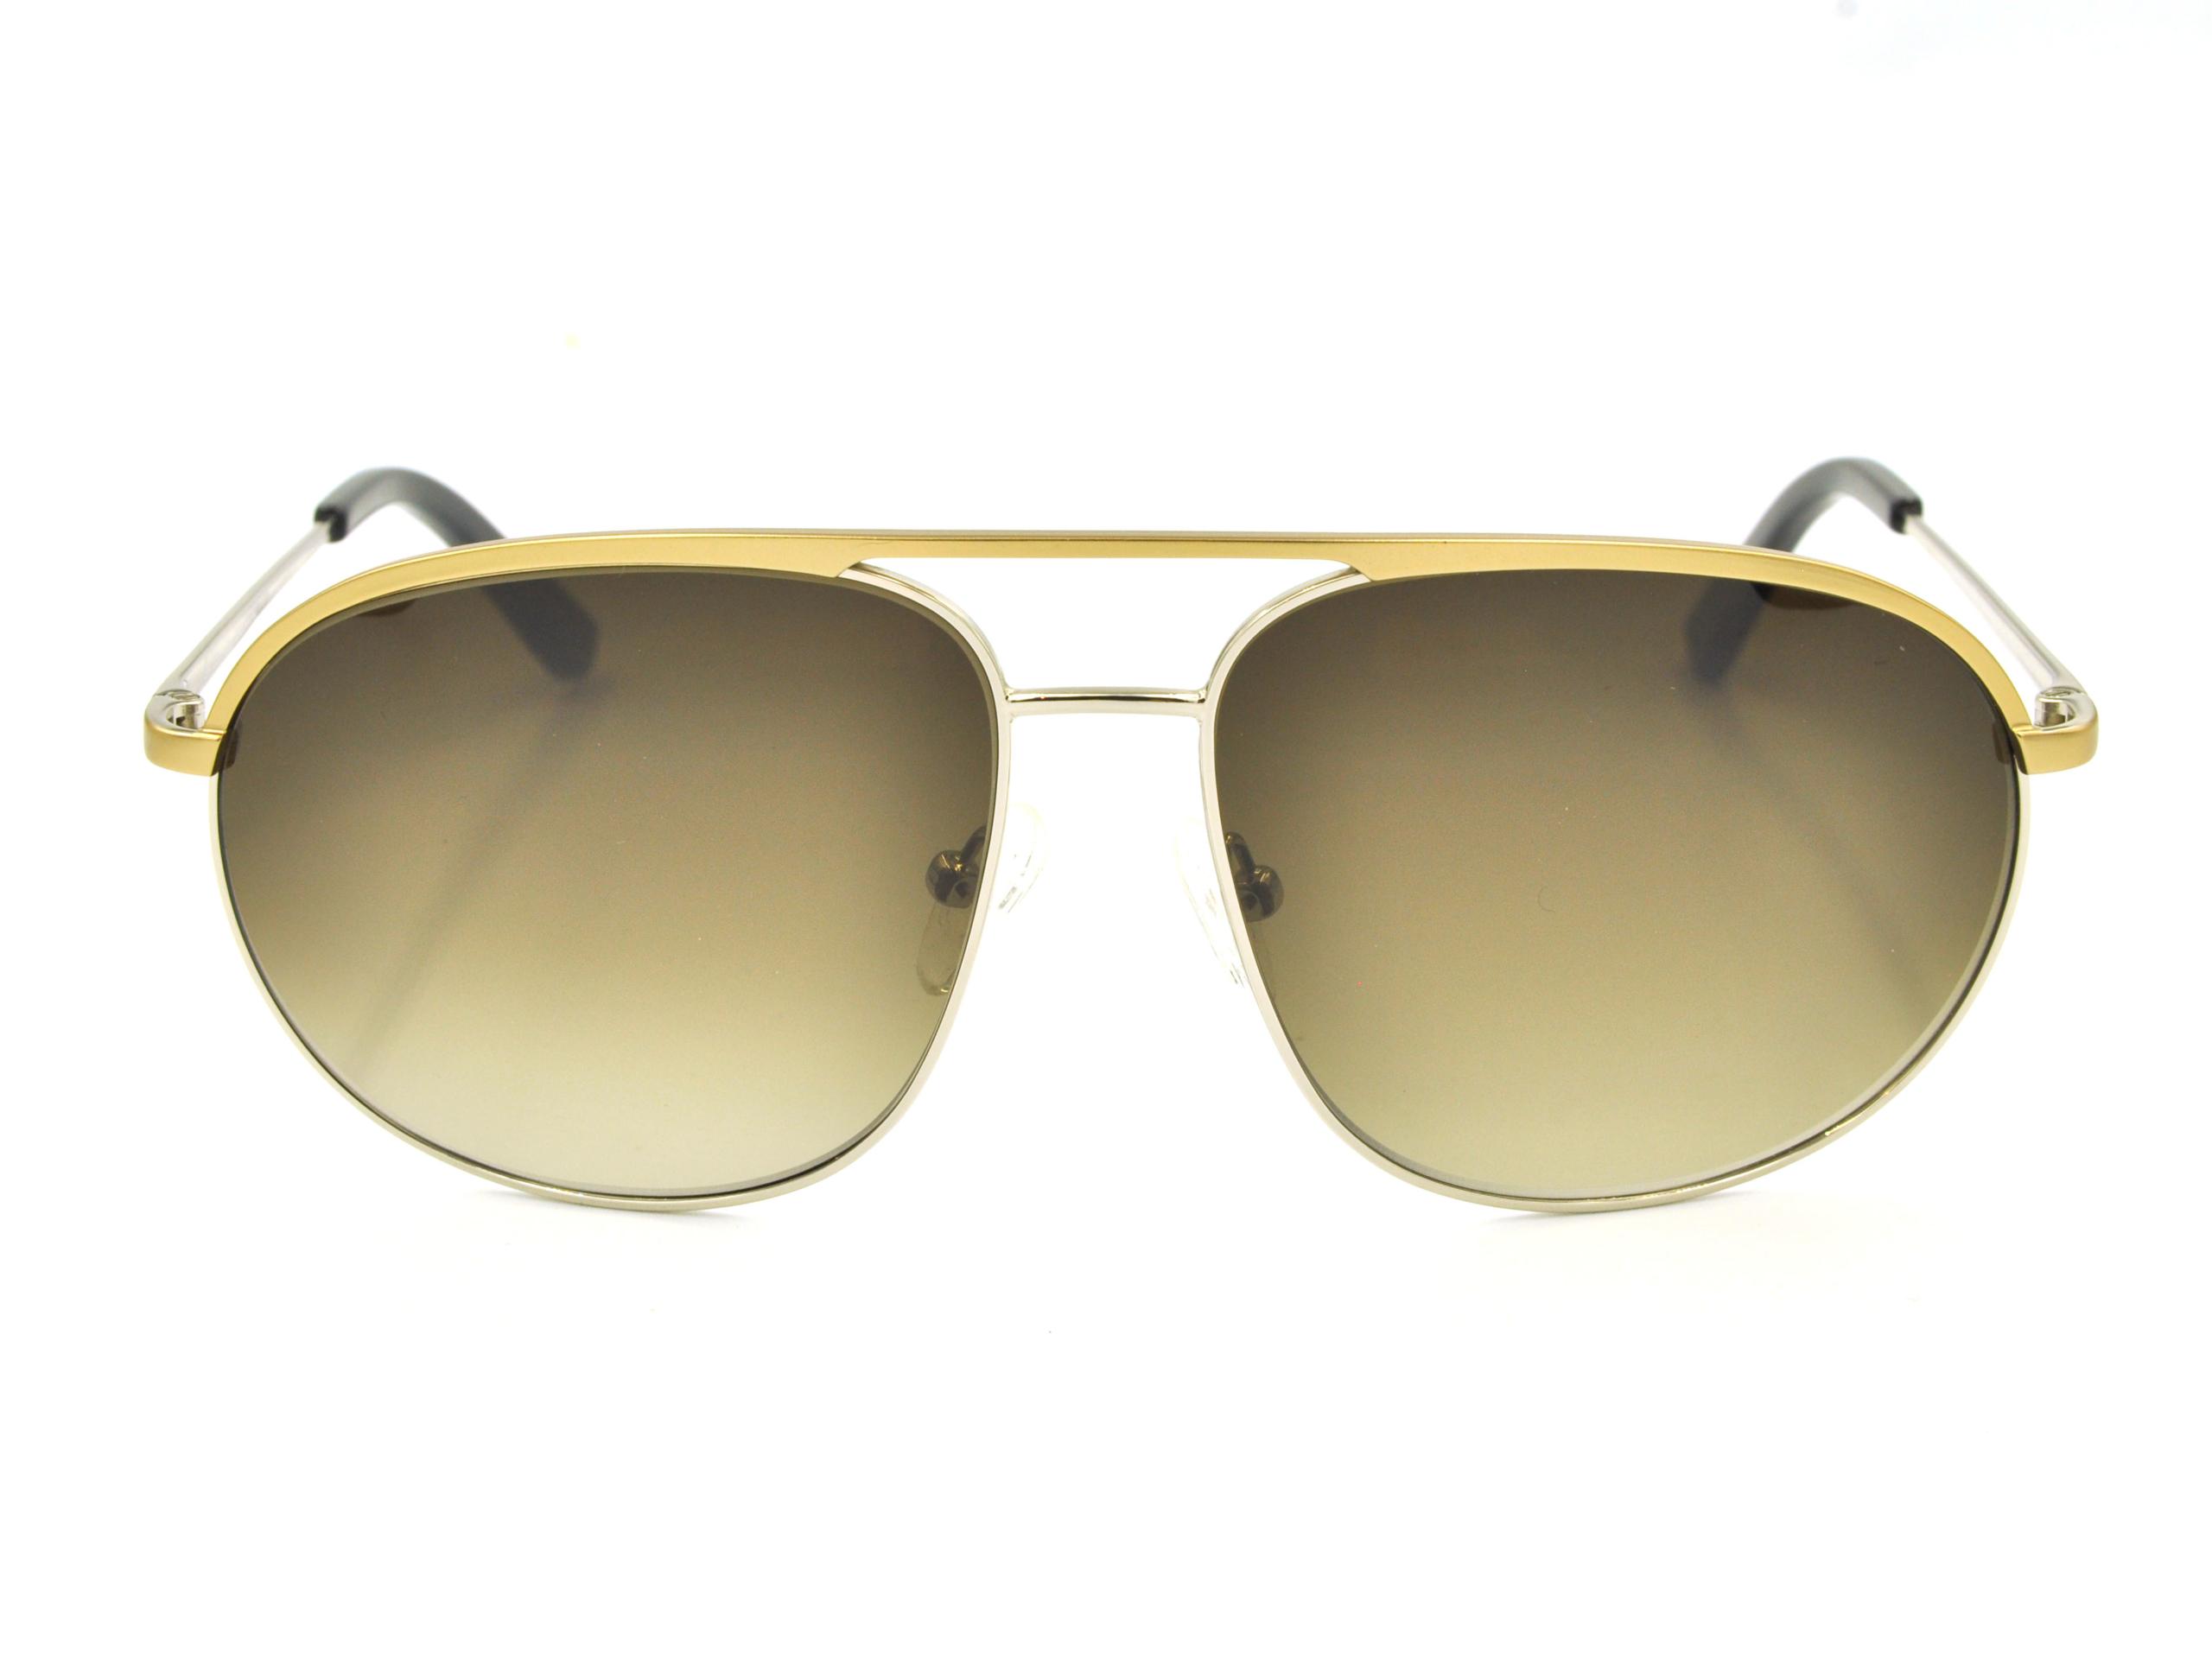 Γυαλιά ηλίου PORTER & REYNARD GATES C5 Πειραιάς